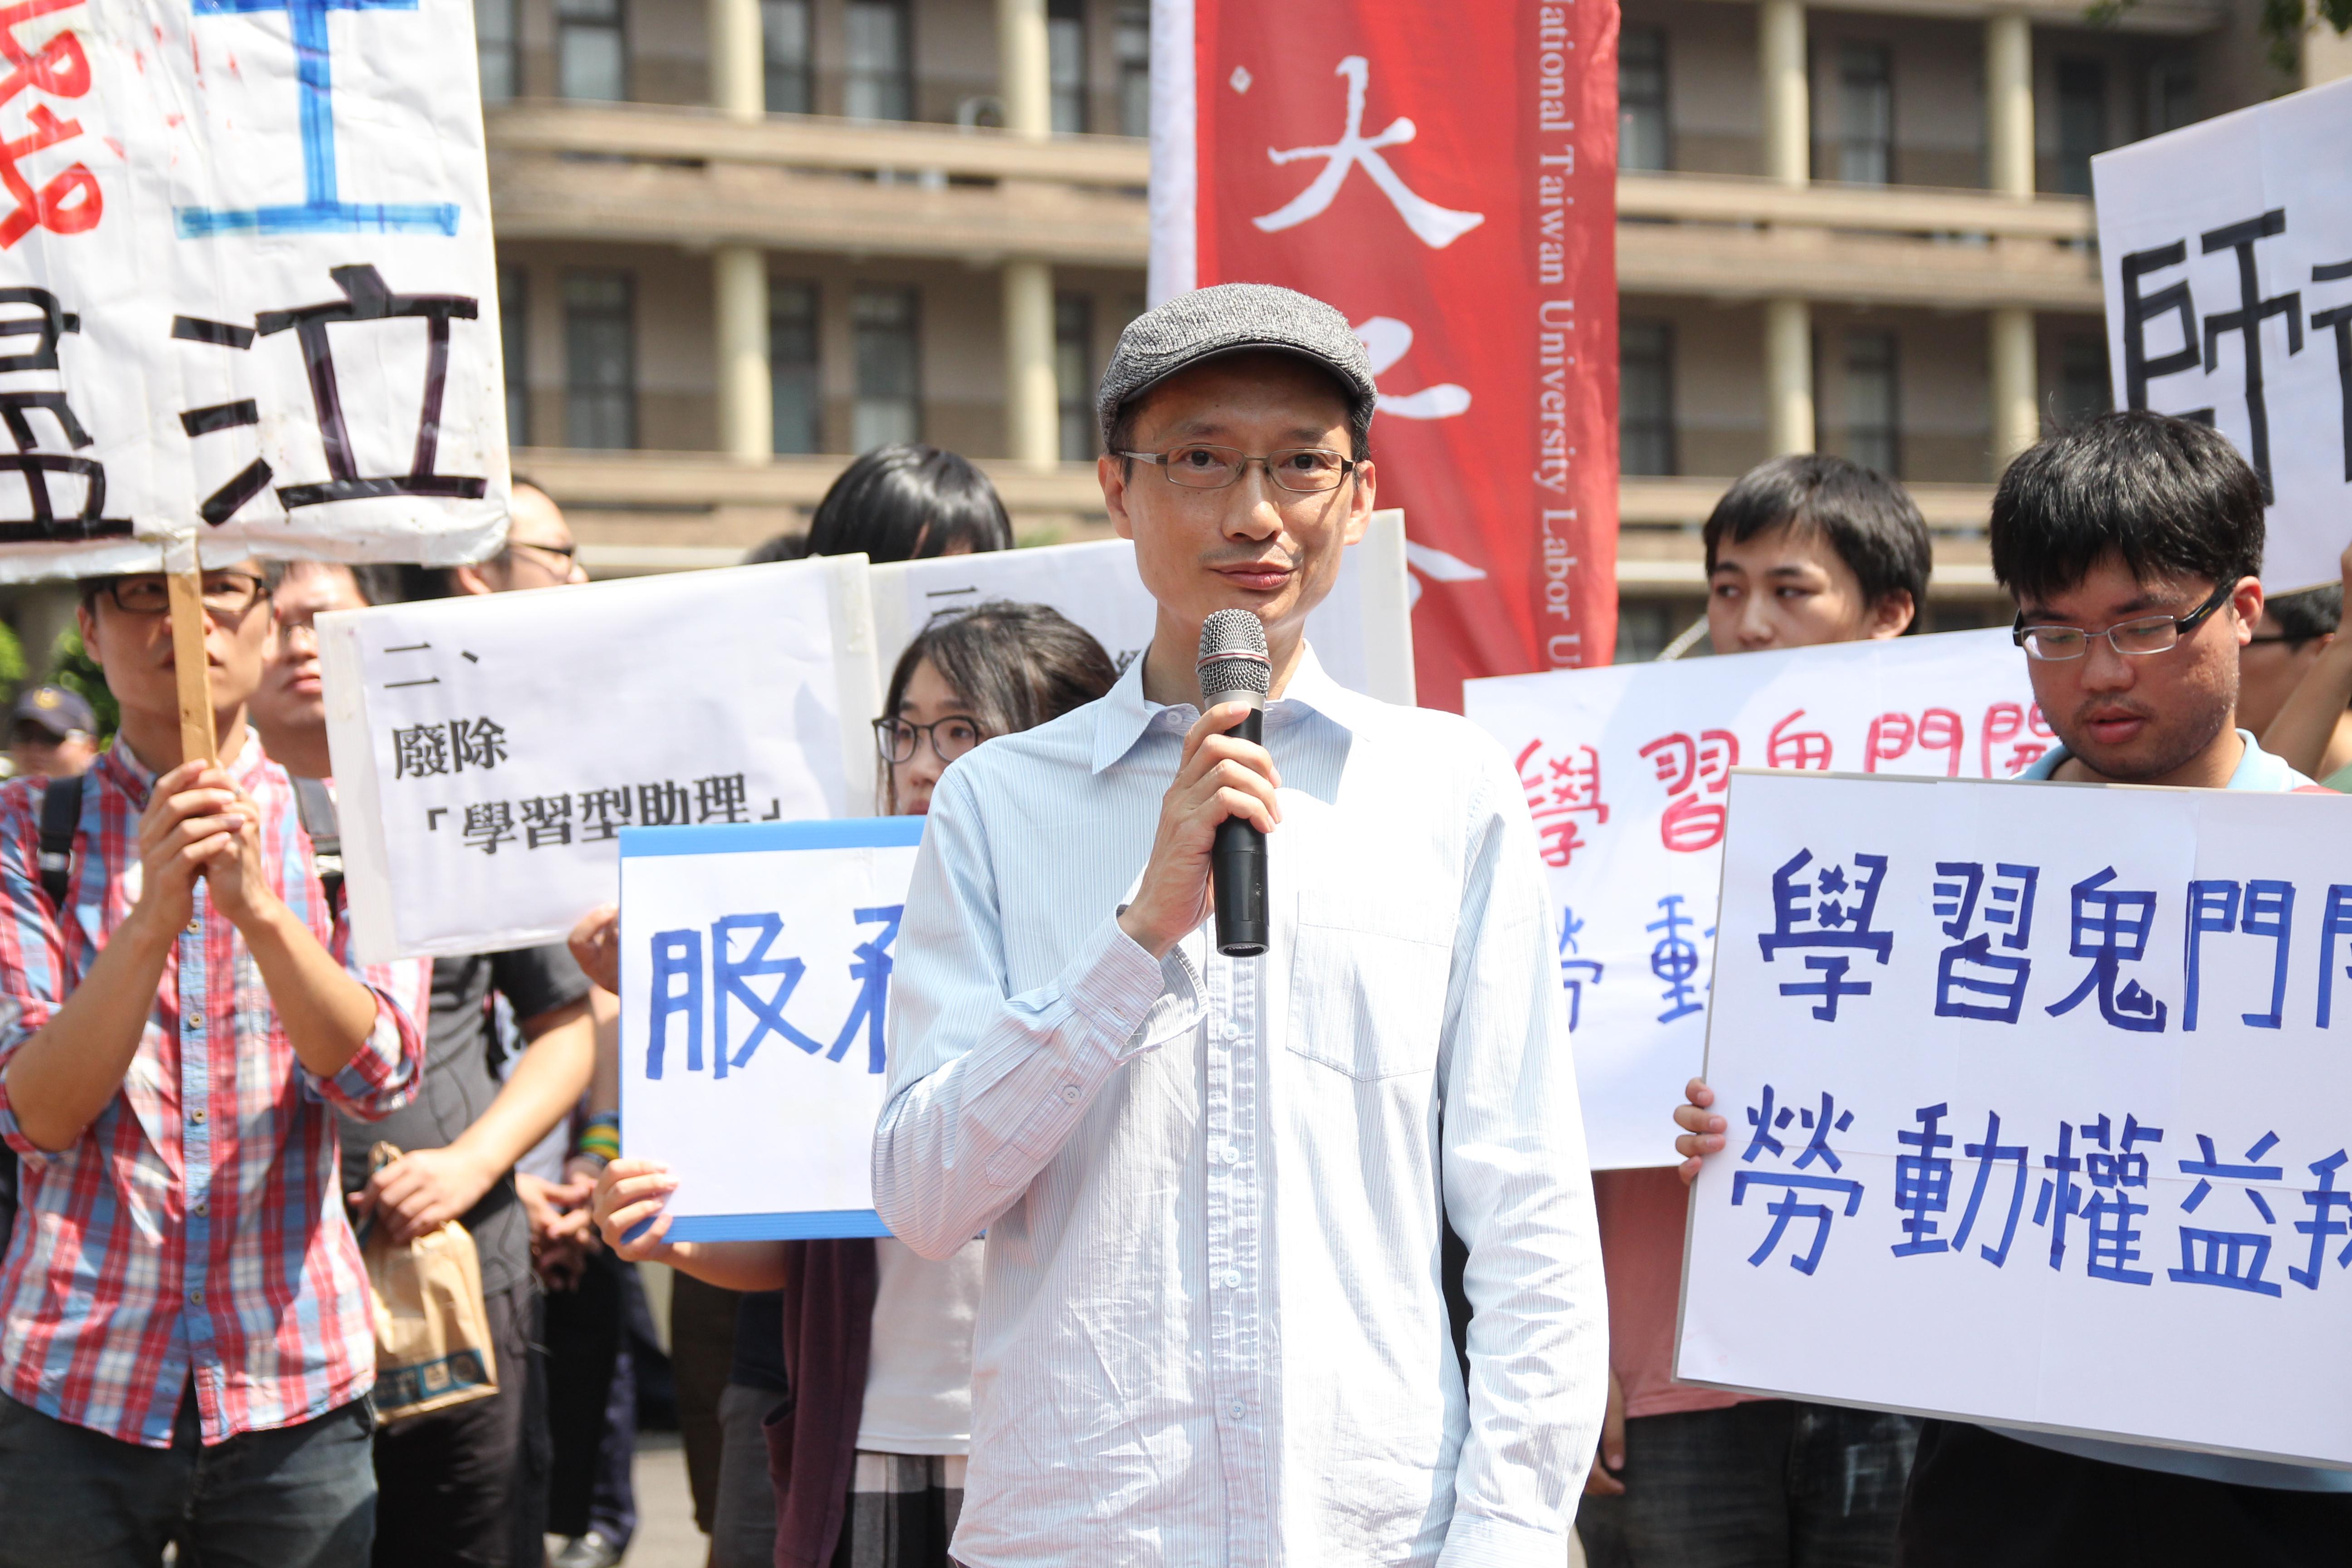 台師大英語系教授黃涵榆不滿校方以預算限制迫使老師只能聘用學習型助理,因此決定站出來抗議。 圖/張方慈攝